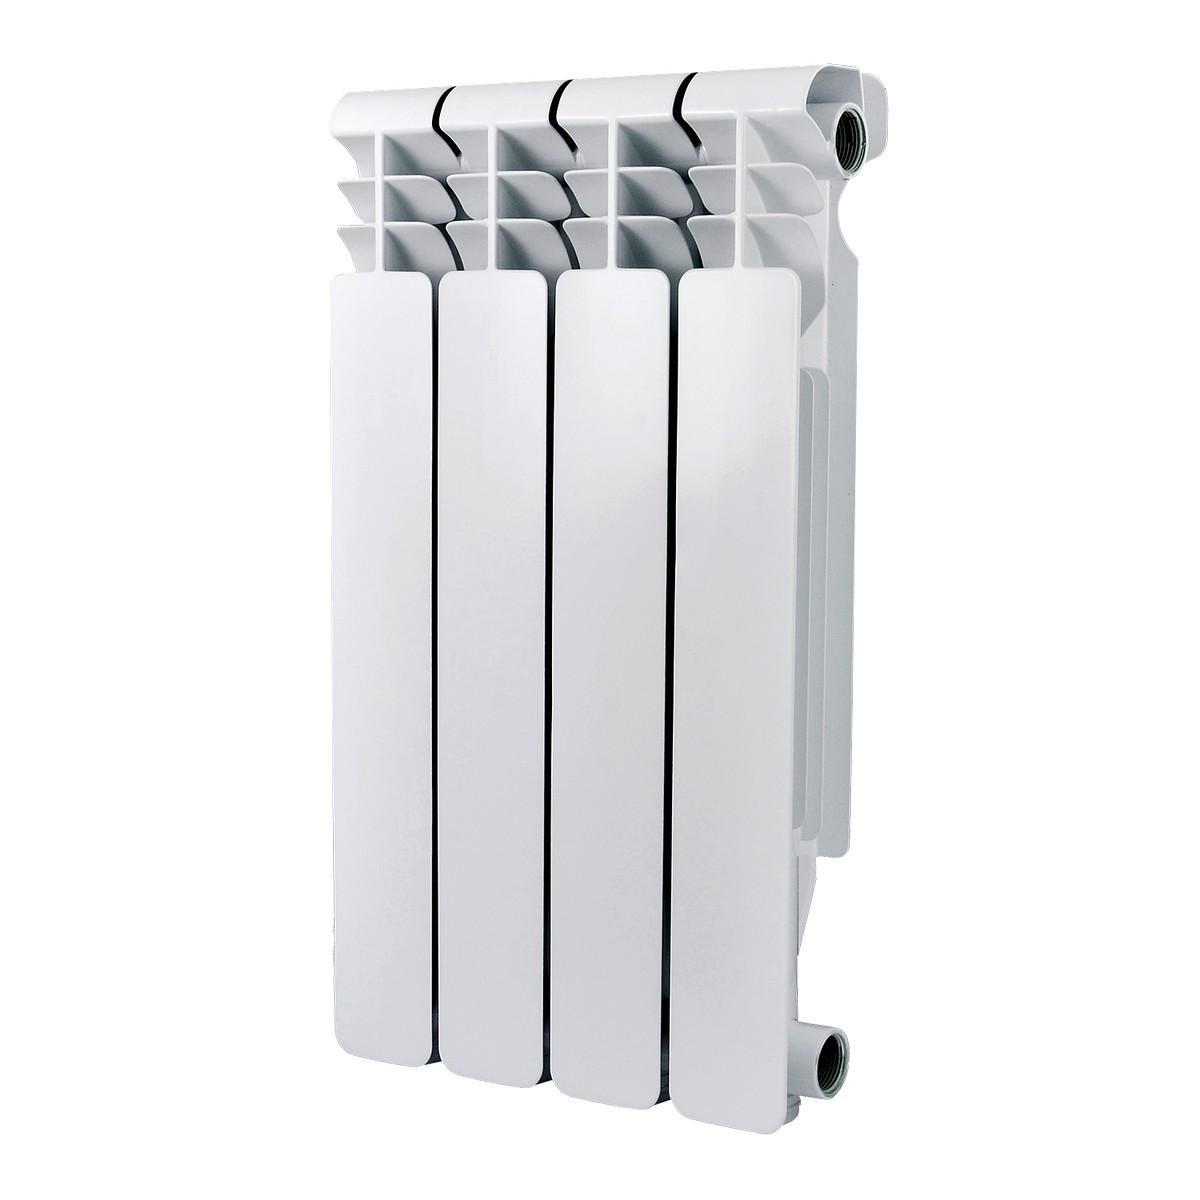 Радиатор алюминий Classic 500 4 секции Ogint 017-3772